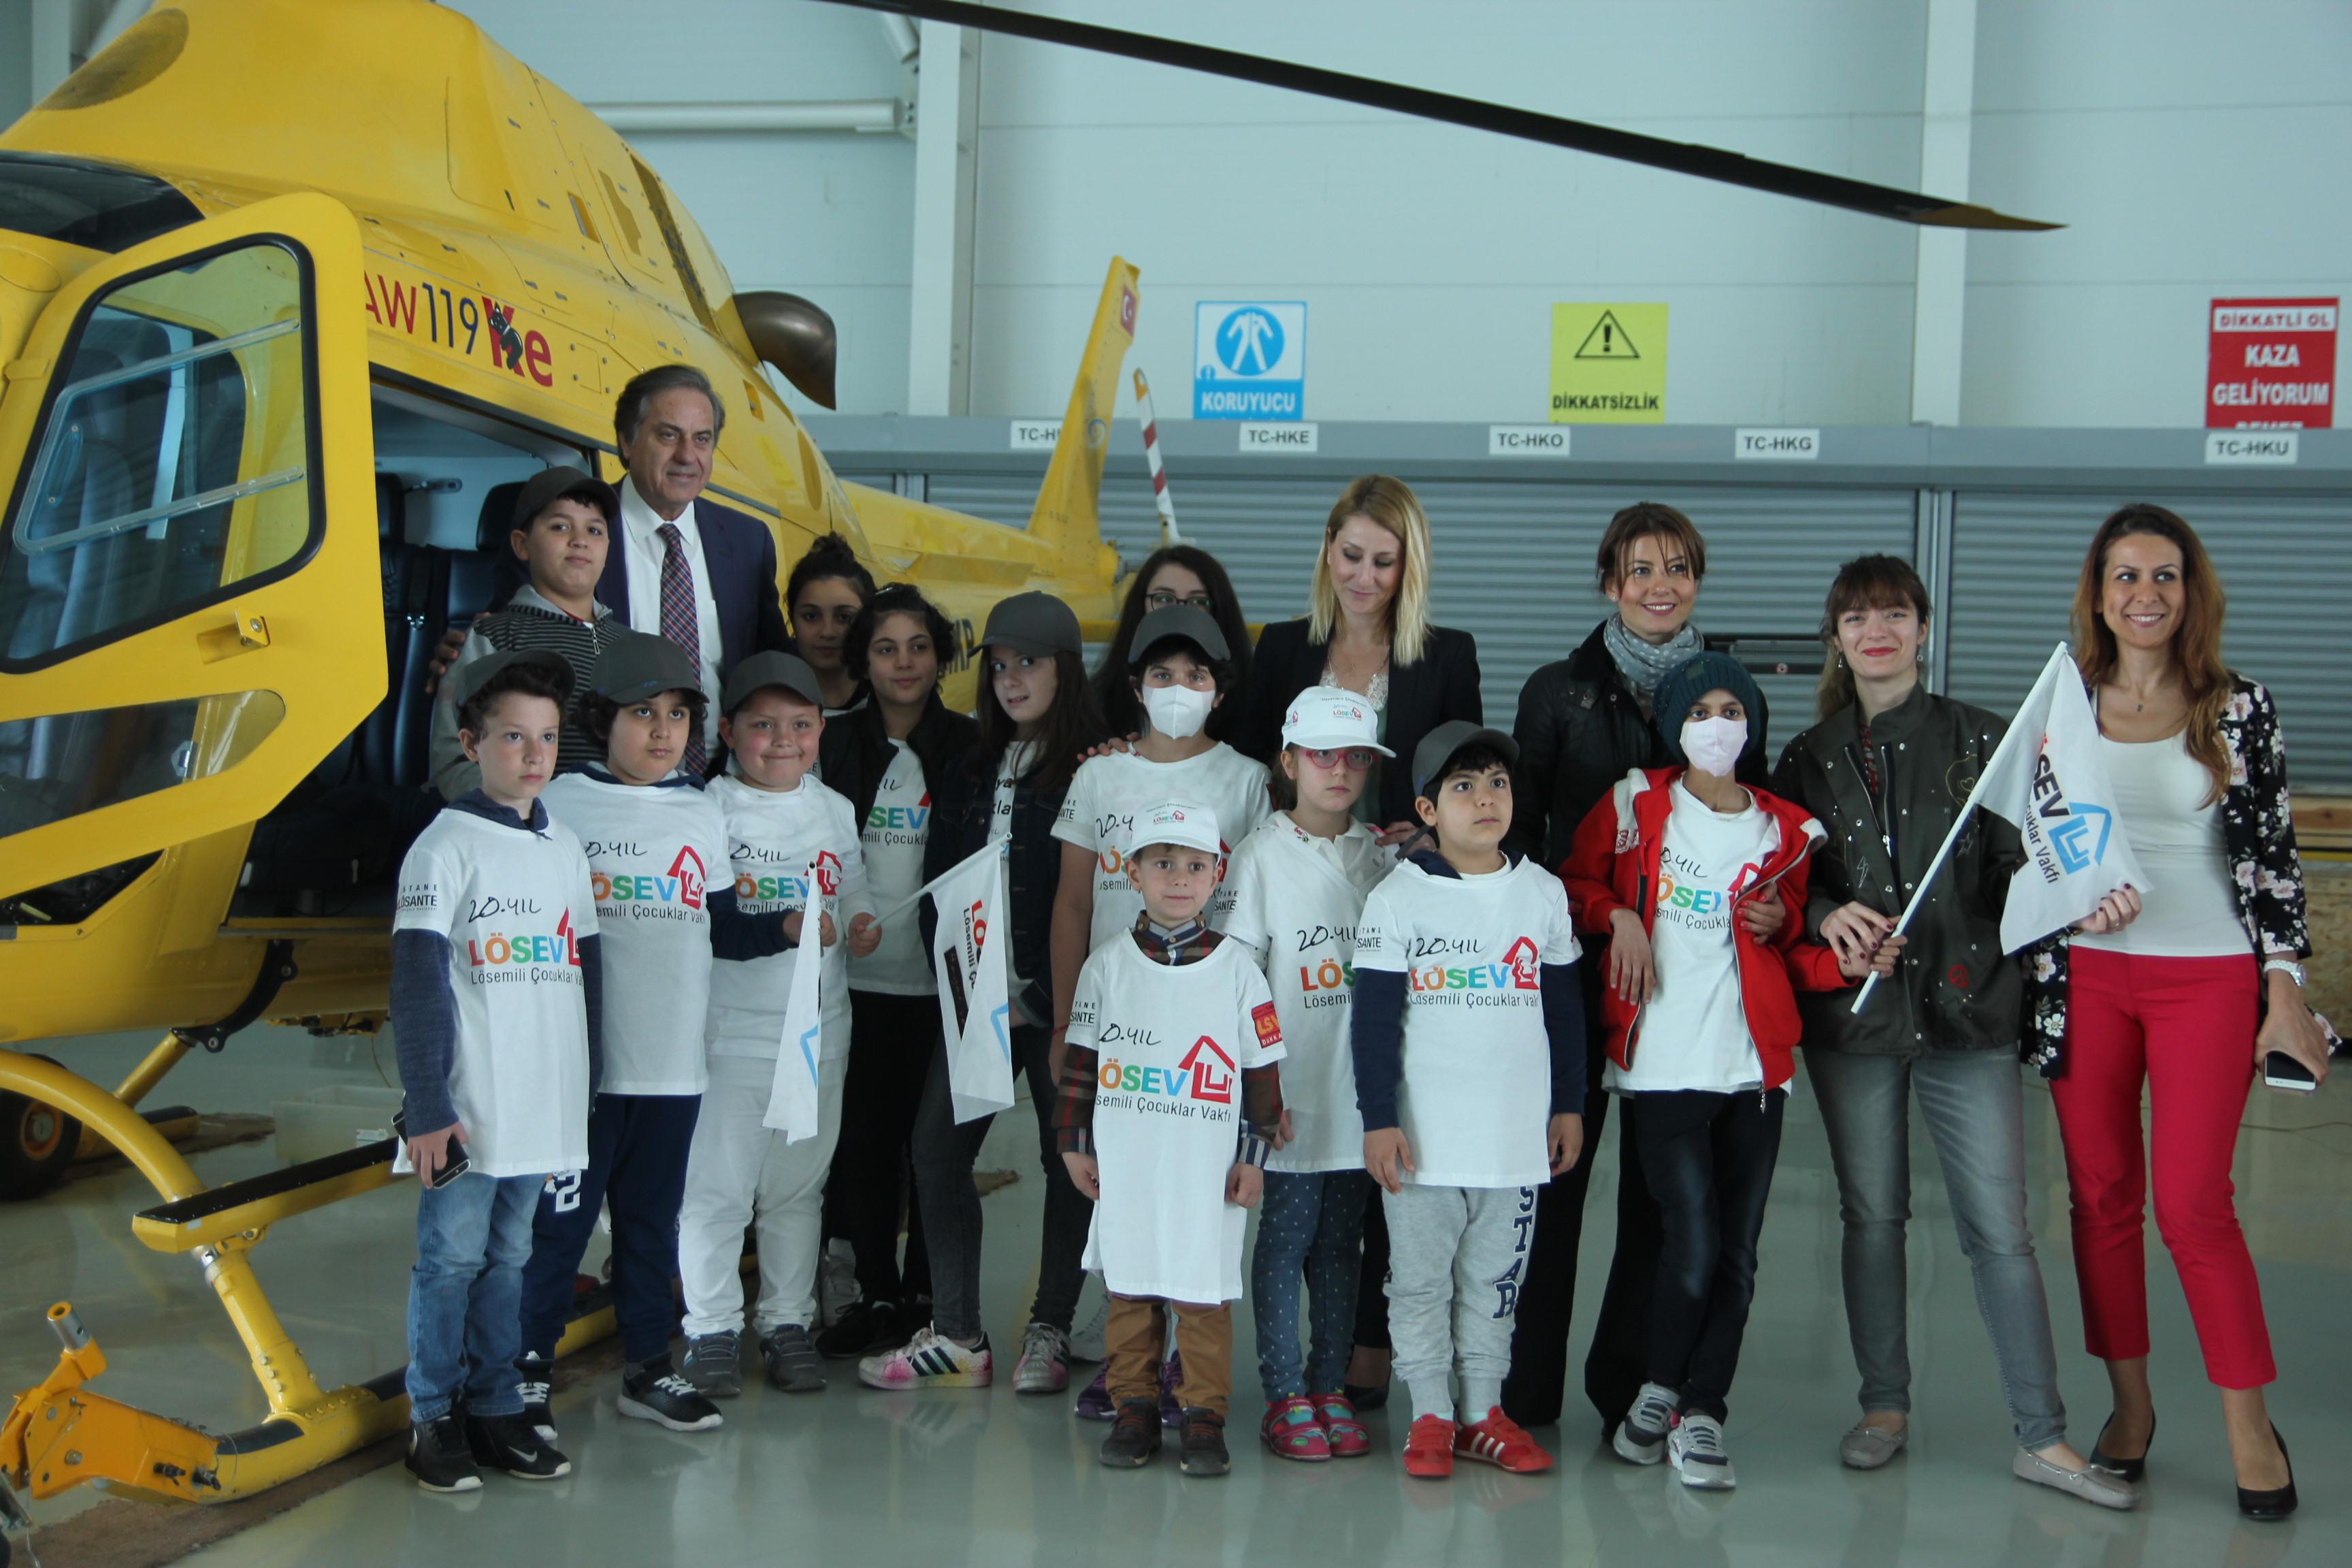 KAAN AIR, LÖSEV'li 16 çocuğun uçma dileğini gerçekleştirdi